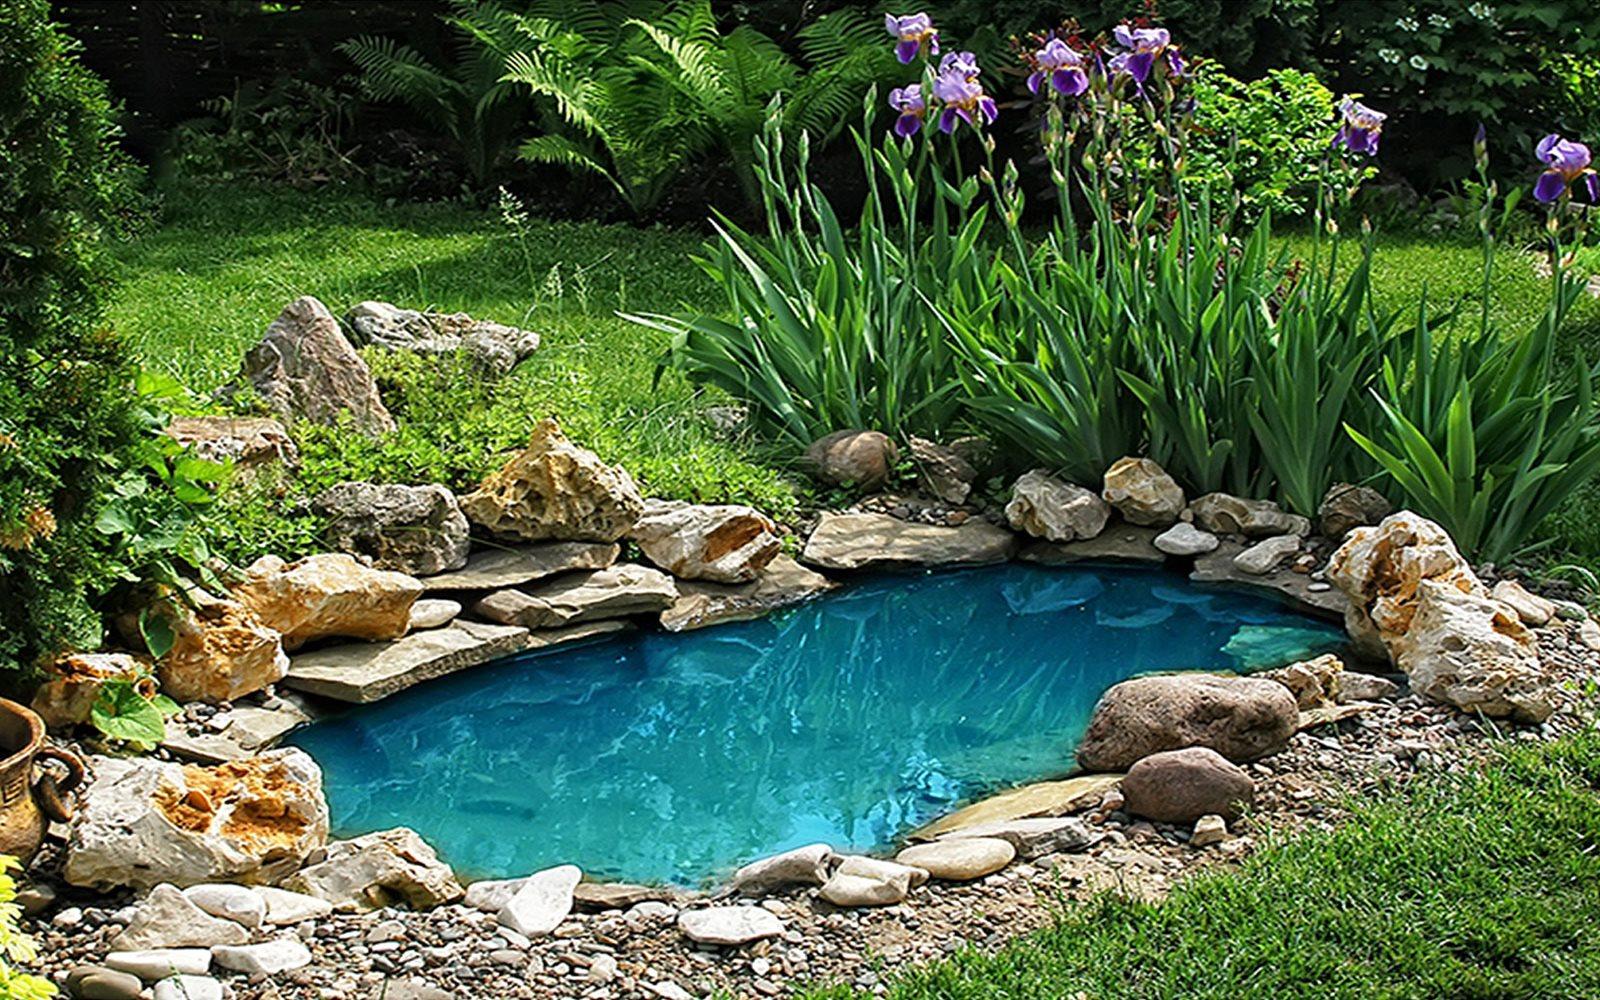 Askoll il laghetto in giardino un sogno che si realizza for Laghetto giardino zanzare